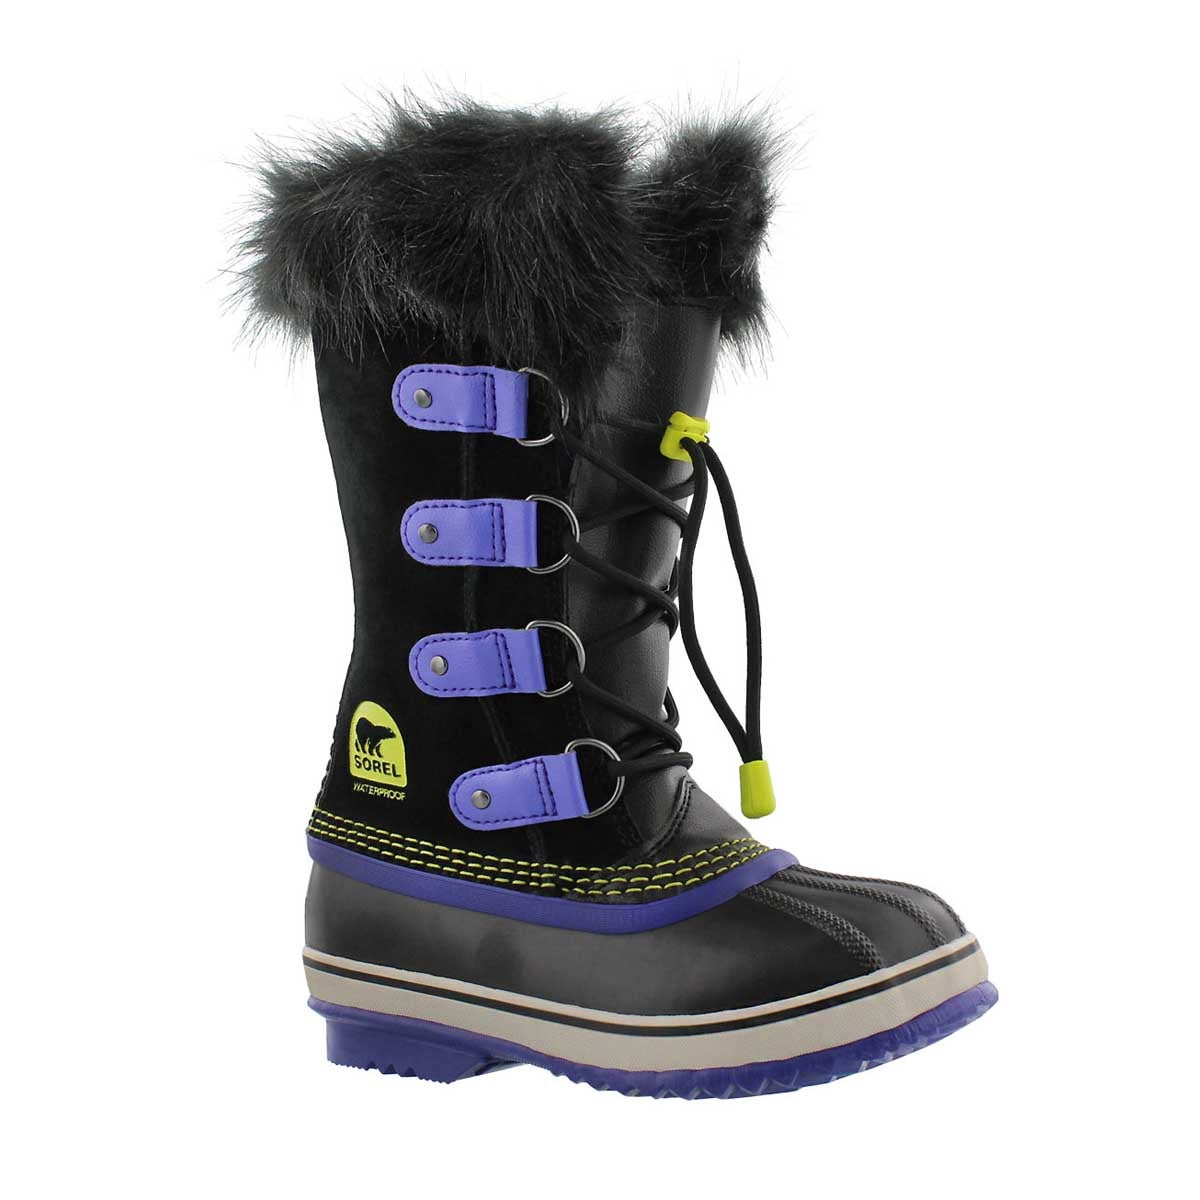 Grls Joan Of Arctic blk/purp winter boot